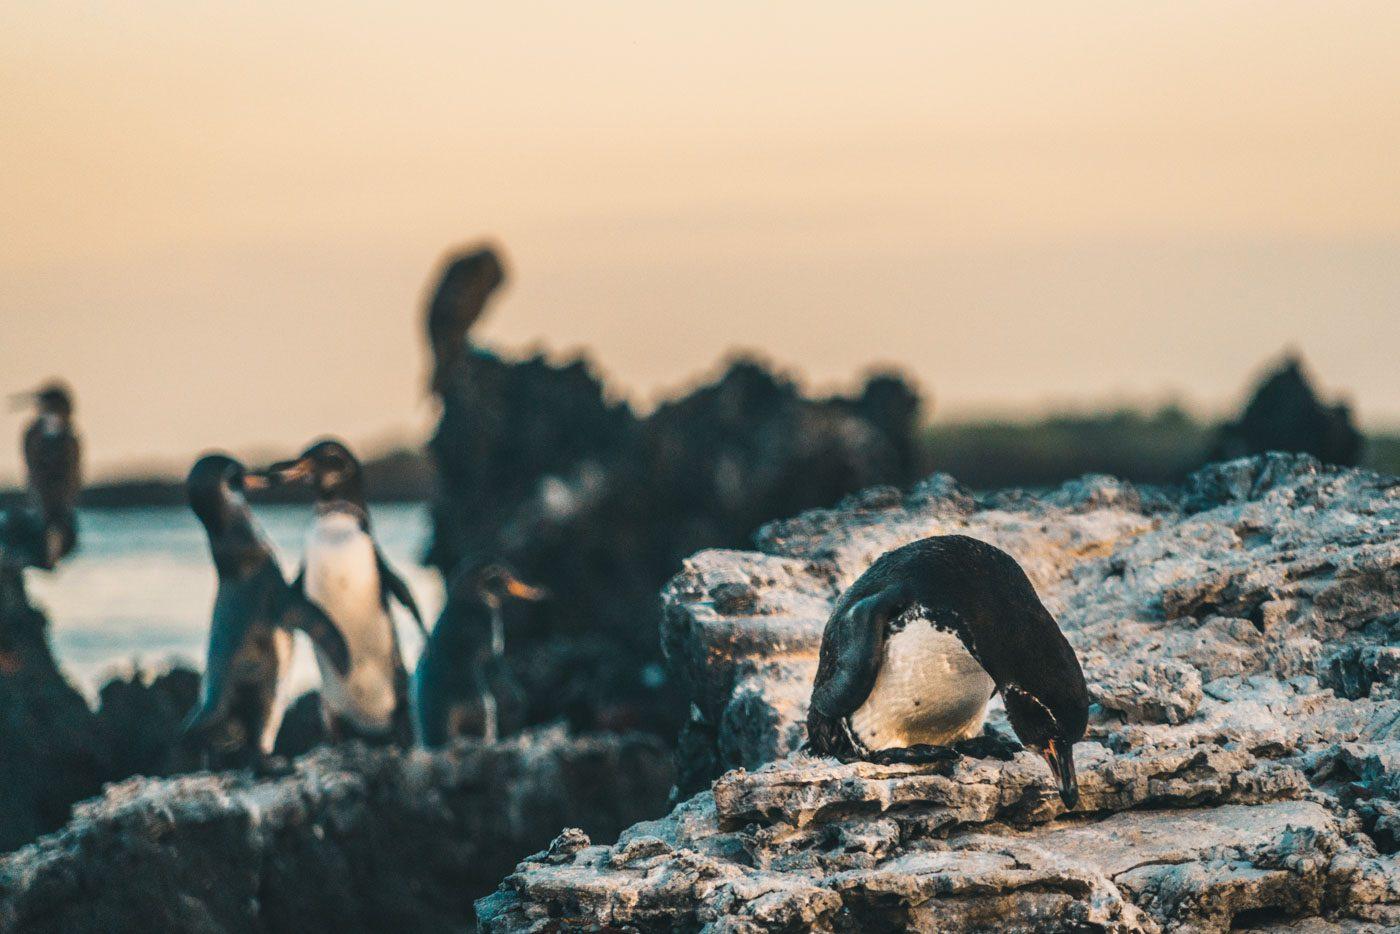 Penguins on Tintorenas, Isabela Island. Galapagos